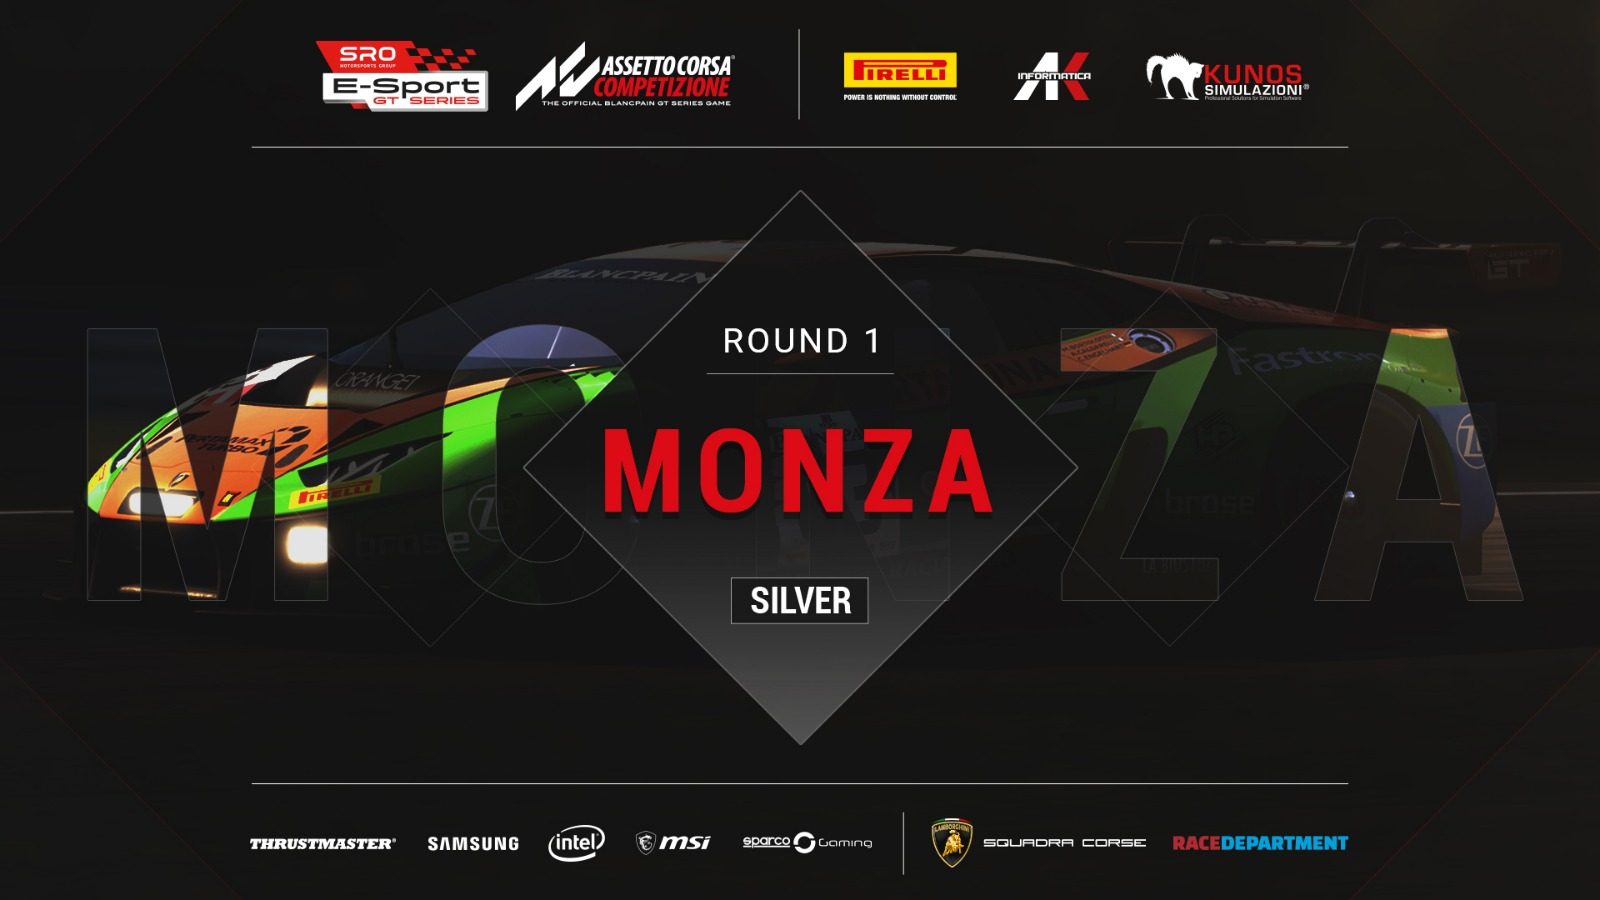 Silver Class Monza SRO E-SPort GT Series.jpg